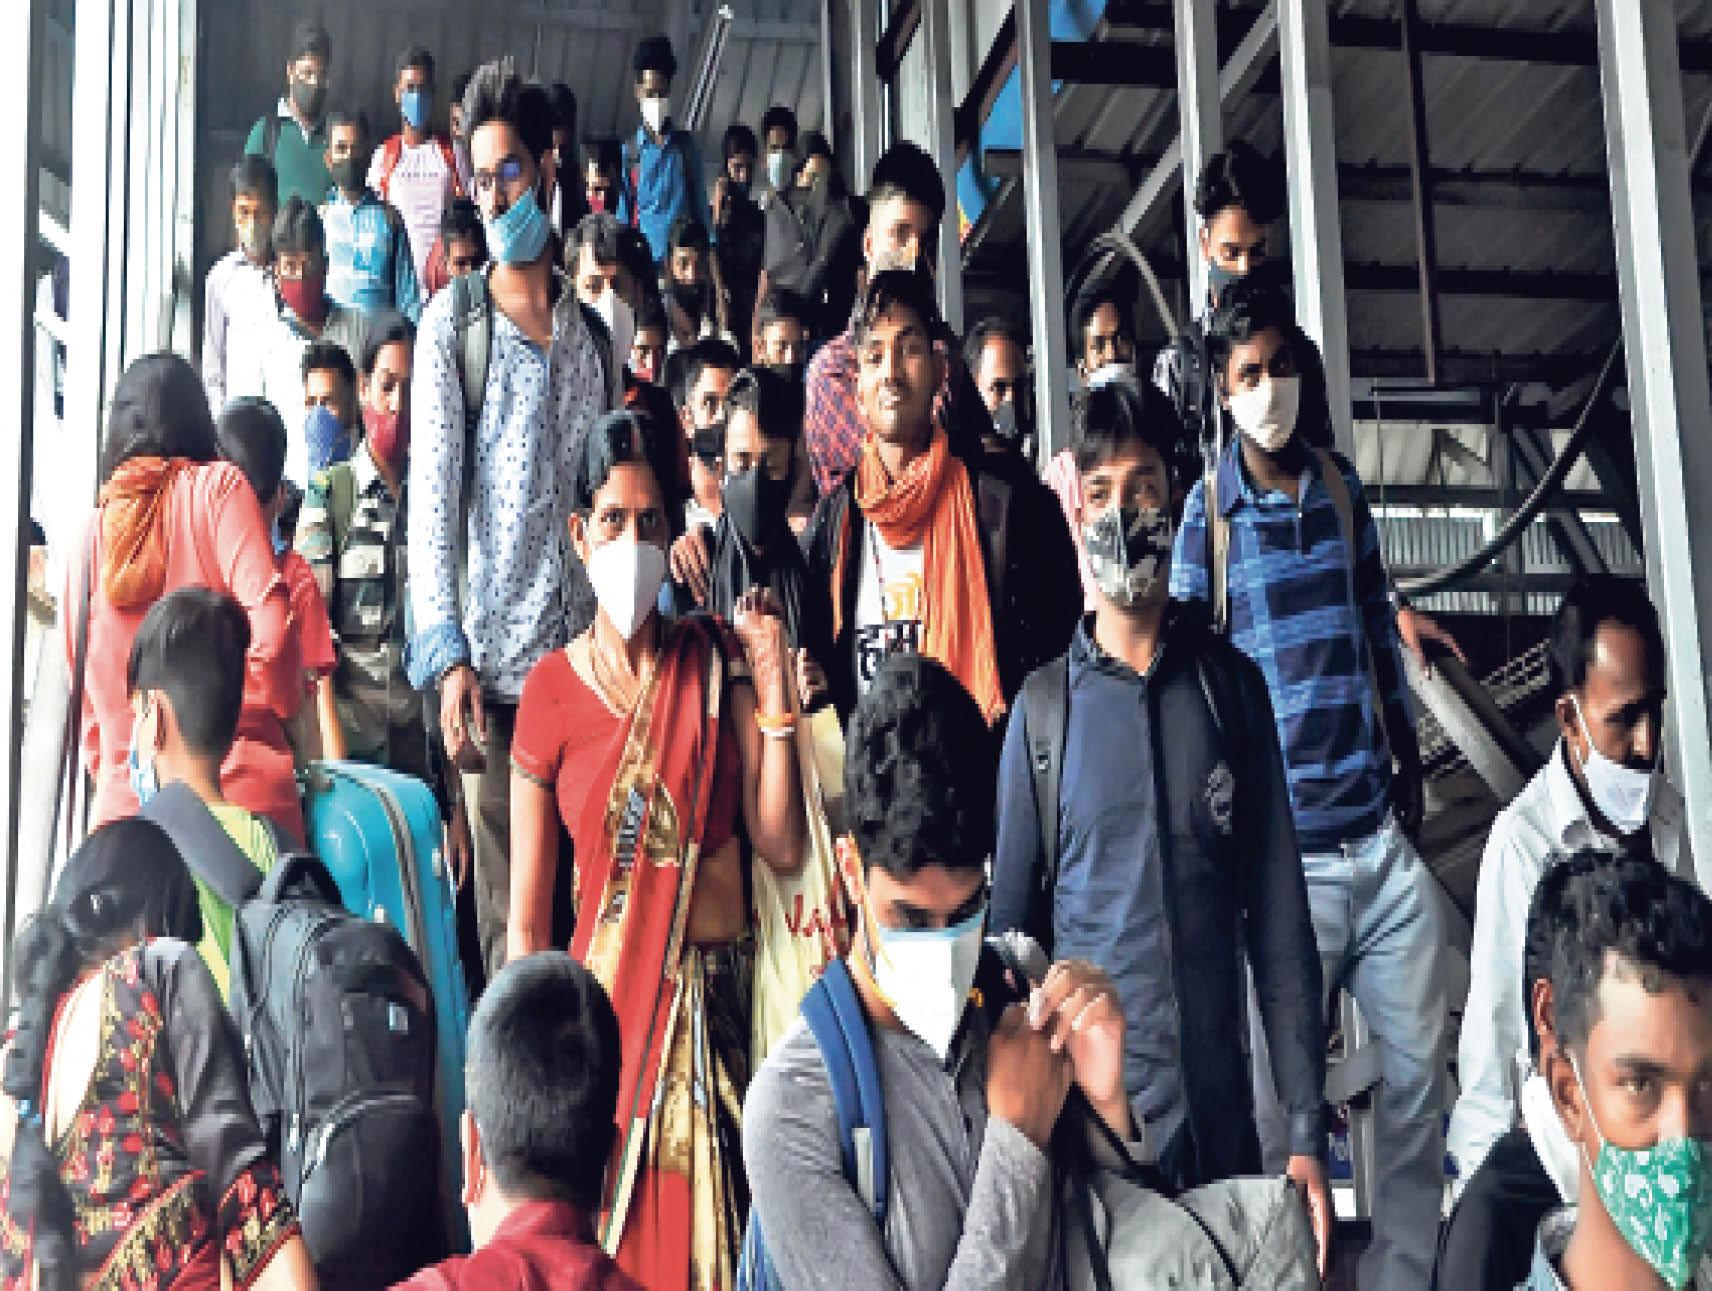 कोई सोशल डिस्टेंसिंग नहीं... रांची स्टेशन पर यात्रियों की भीड़ को व्यवस्थित करने की नहीं थी व्यवस्था। - Dainik Bhaskar